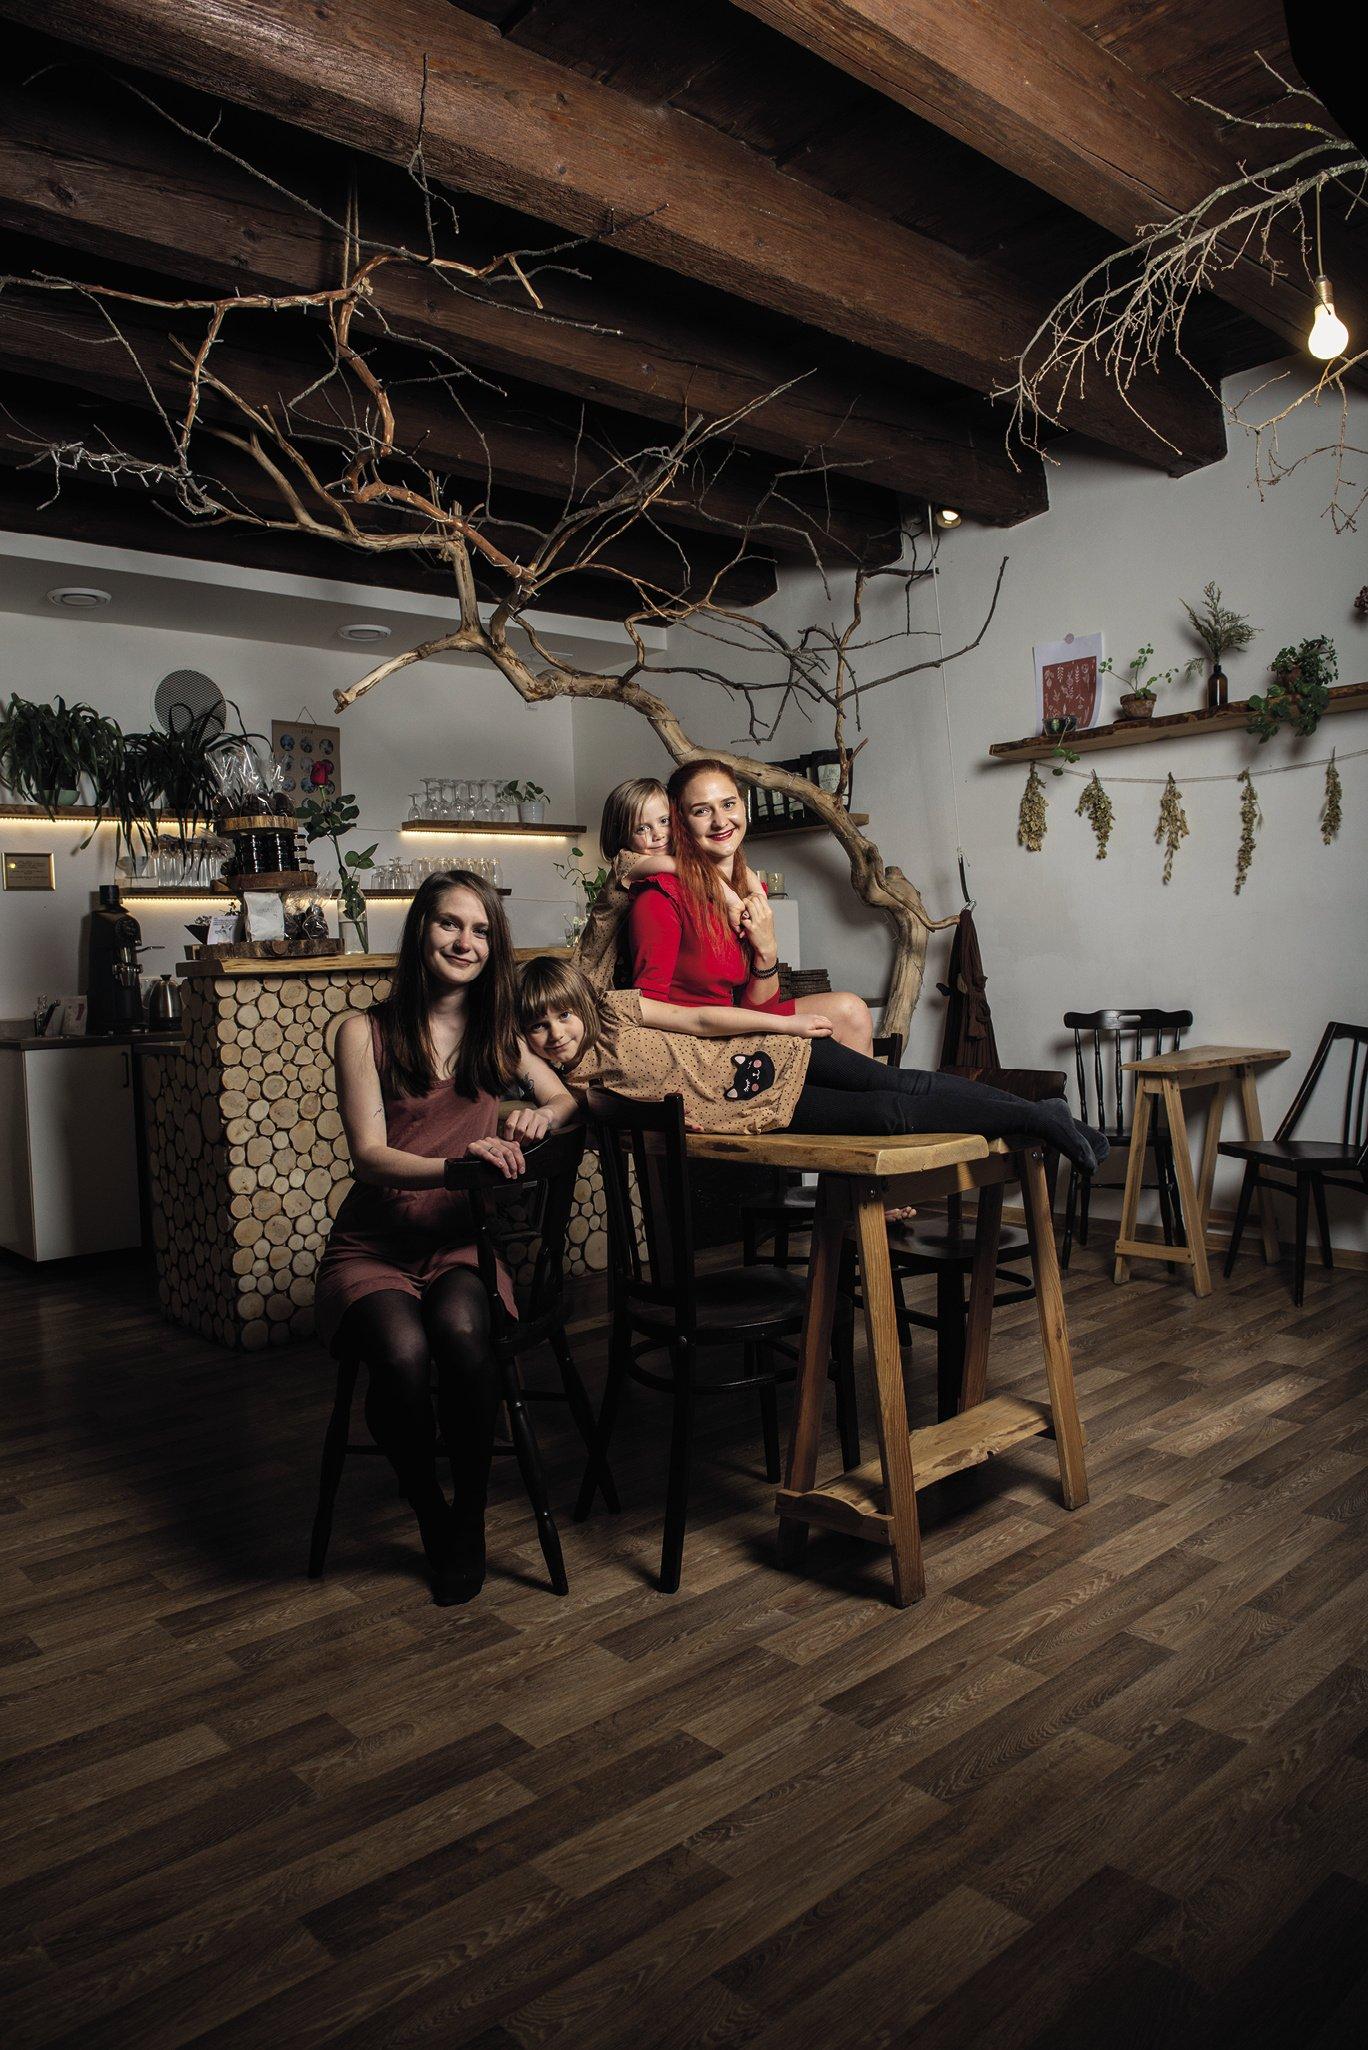 Sestry otevřely kavárnu pro děti. Fronta bývá až na chodník